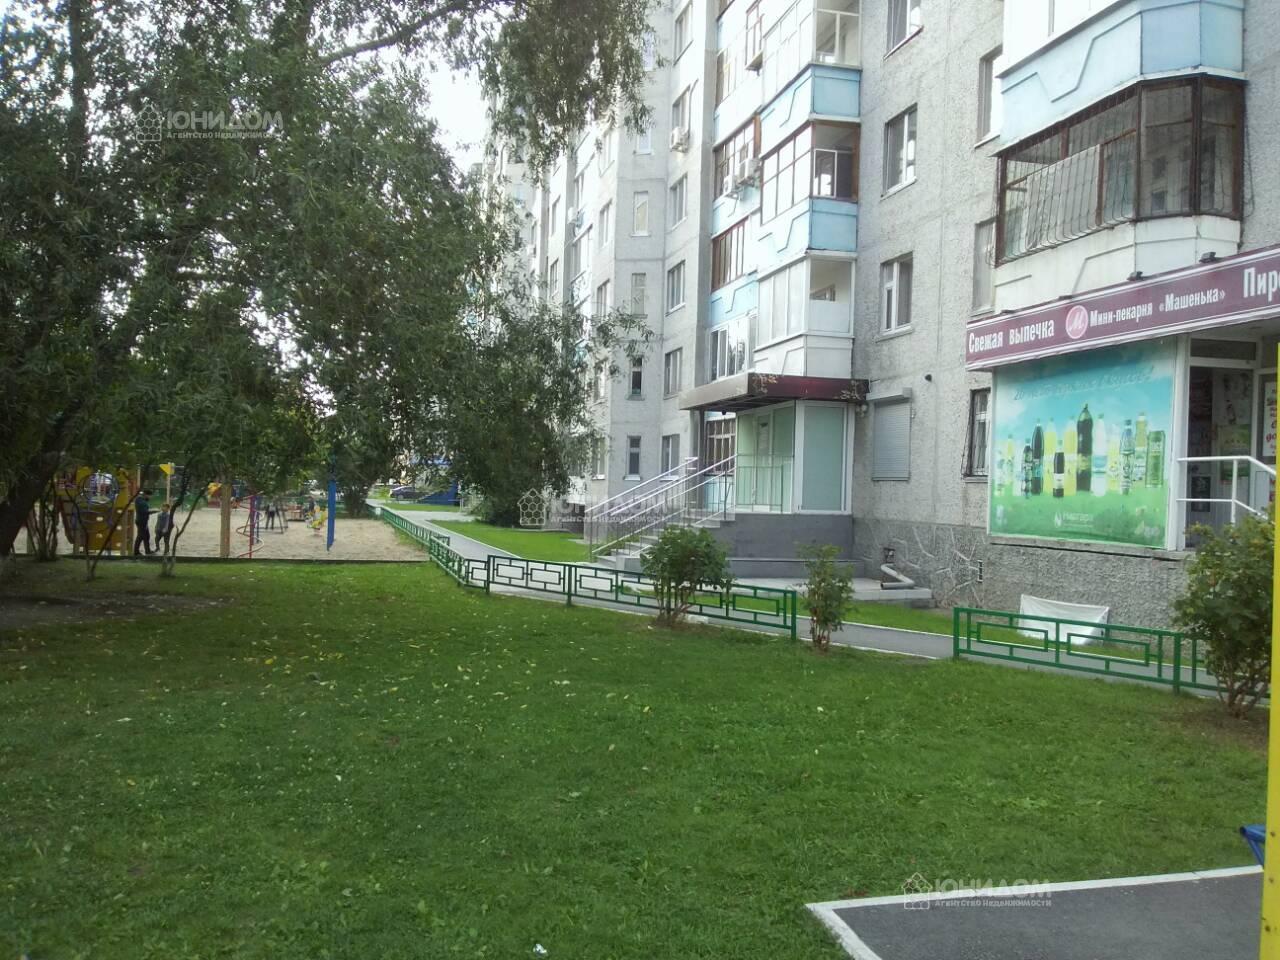 Продам инд по адресу Россия, Тюменская область, Тюмень, 30 лет Победы, 148 к3 фото 2 по выгодной цене